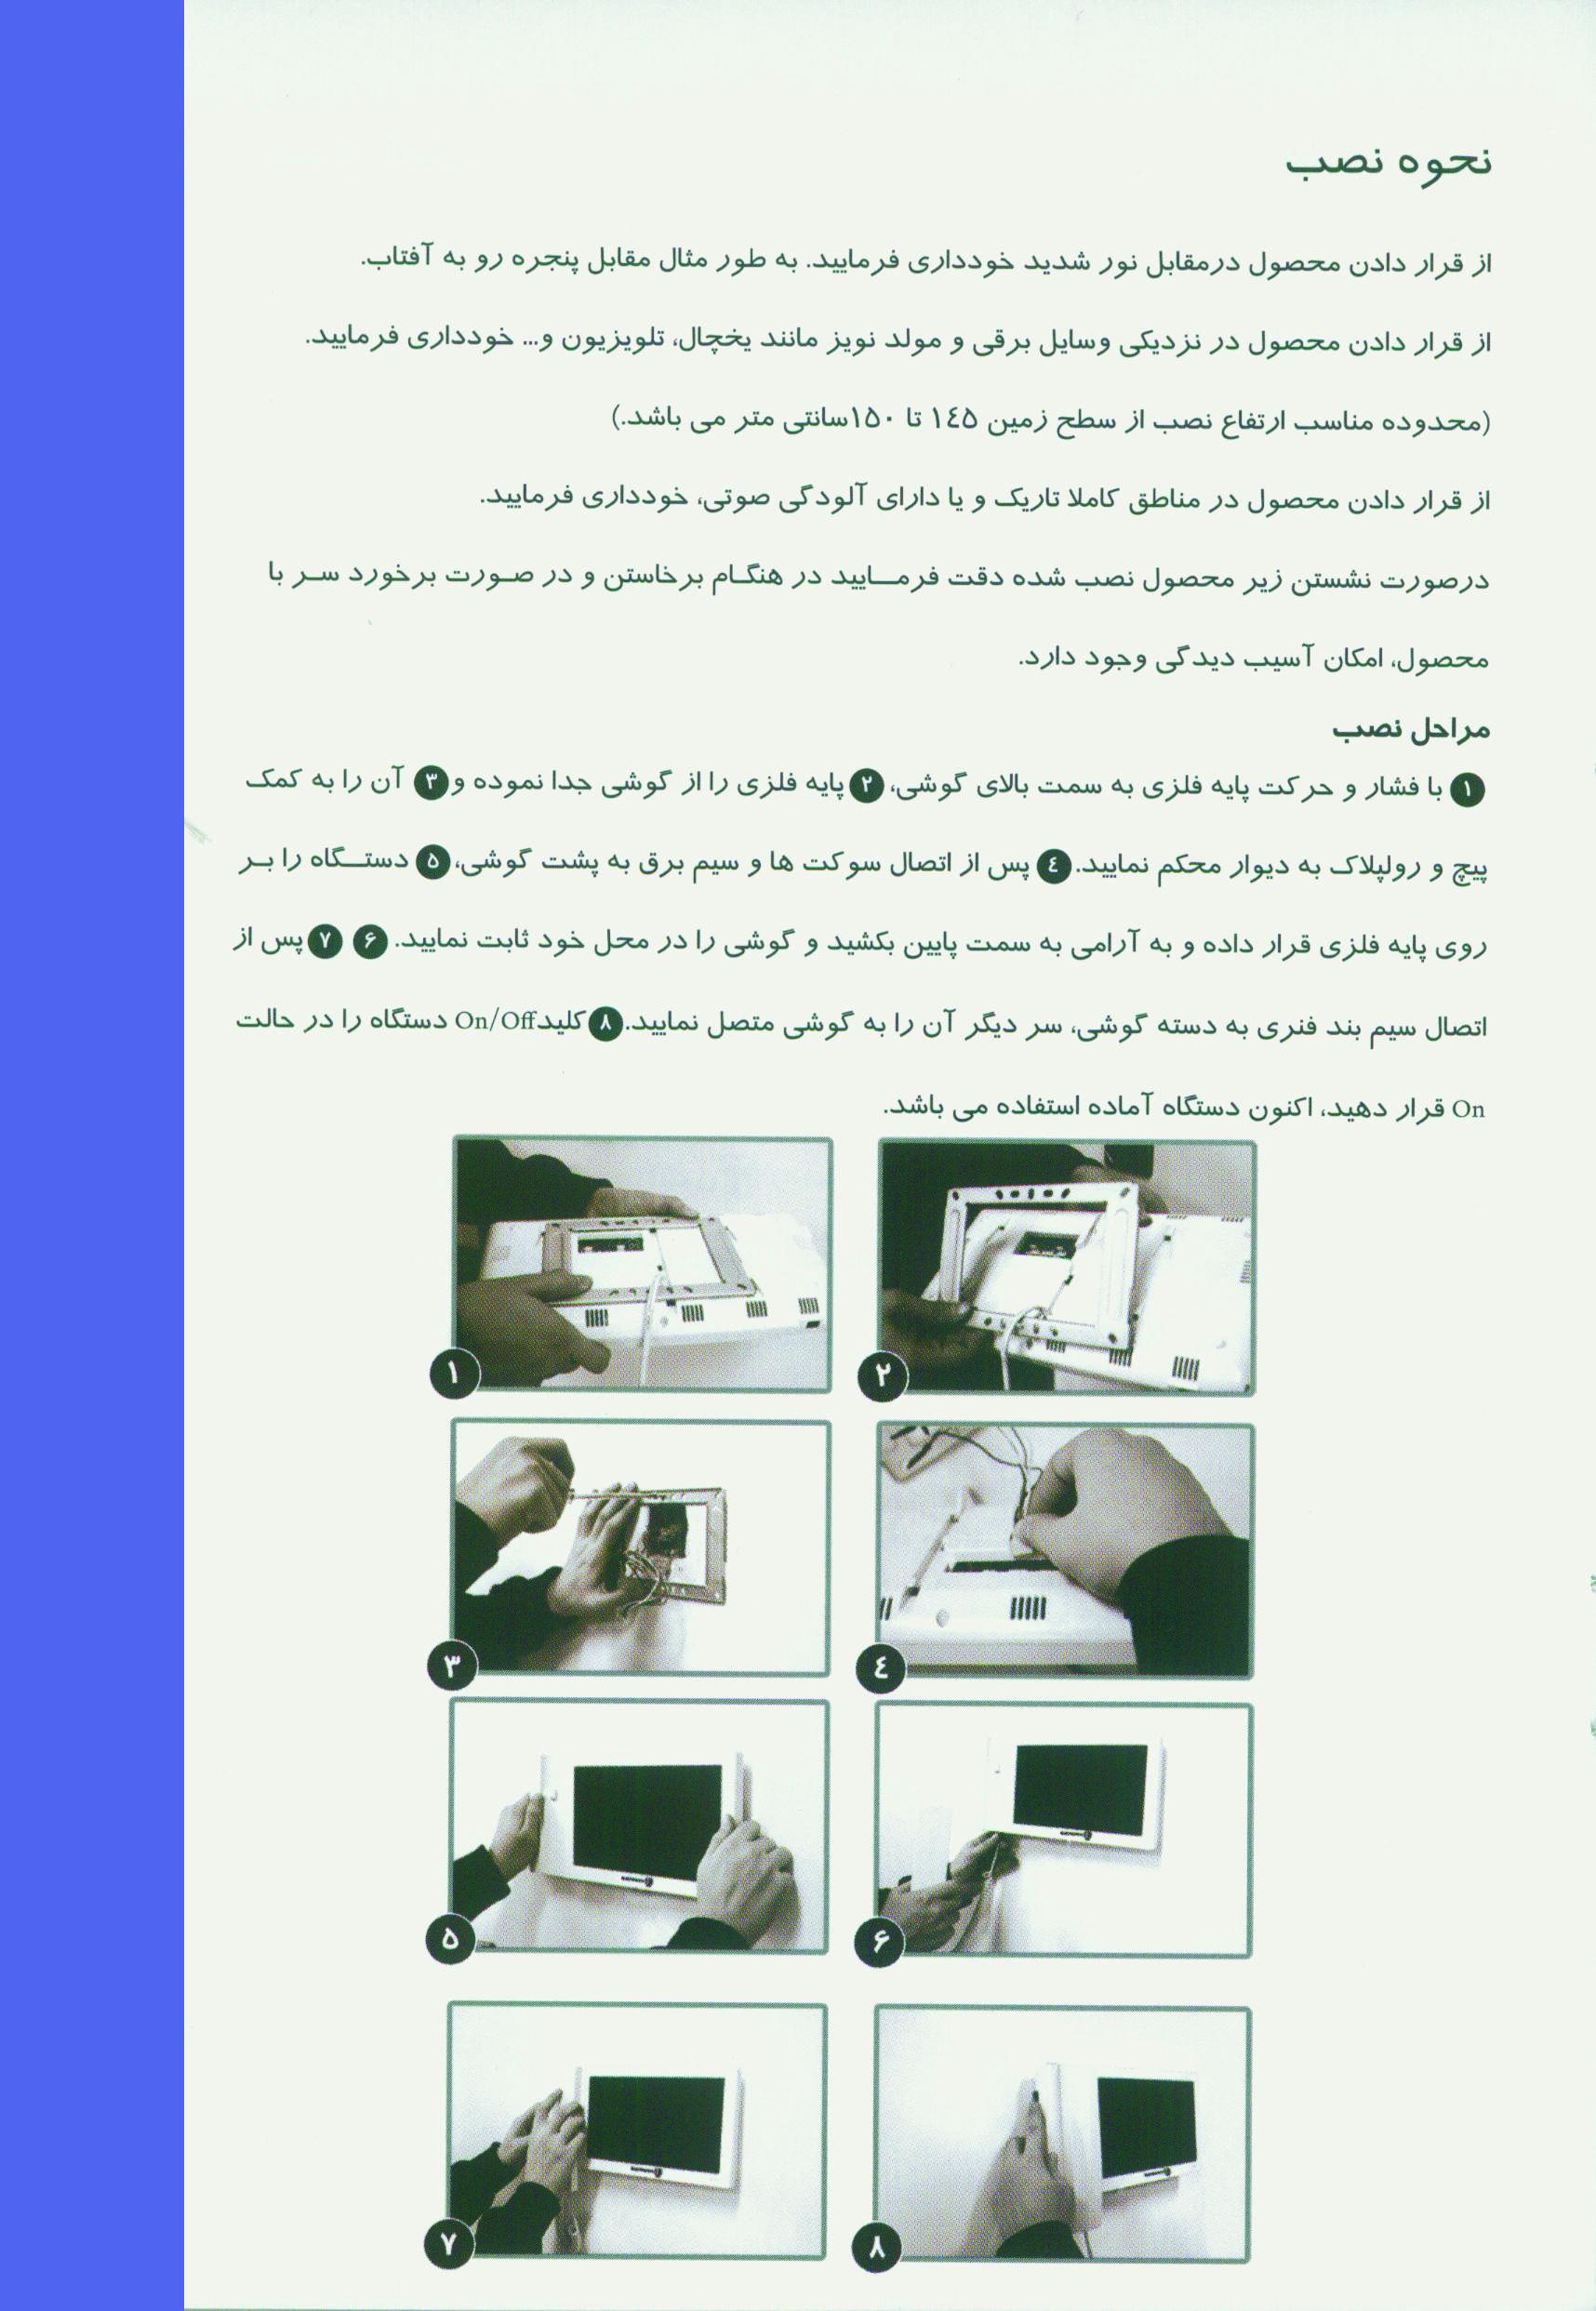 آموزش نصب جک برقی pdf